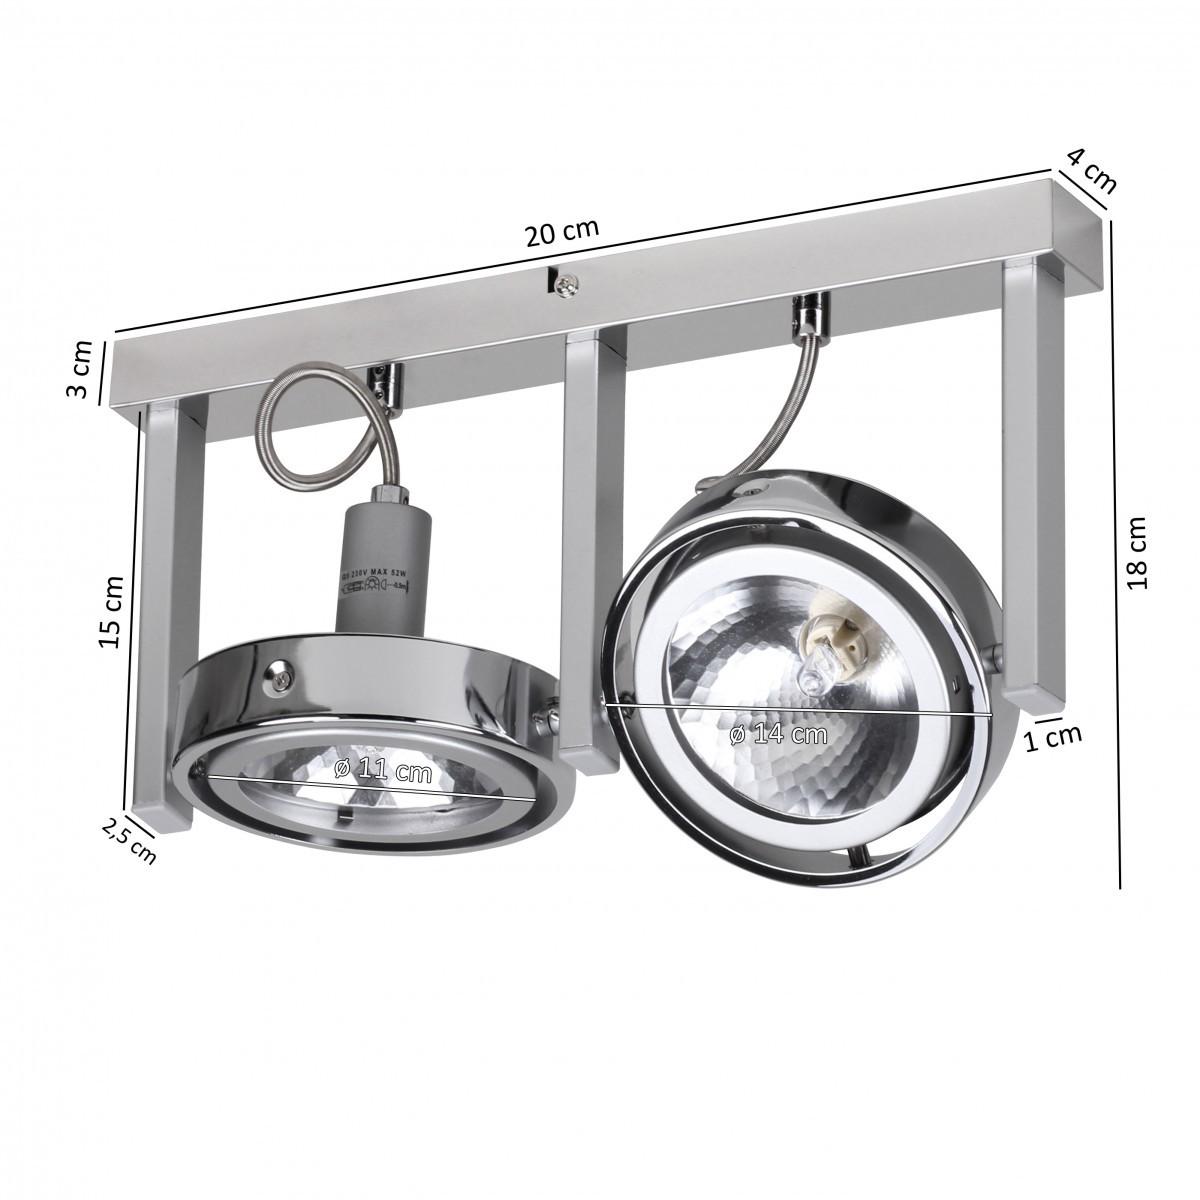 Finebuy spot lampe 2 flammig deckenleuchte strahler for Deckenleuchte spot